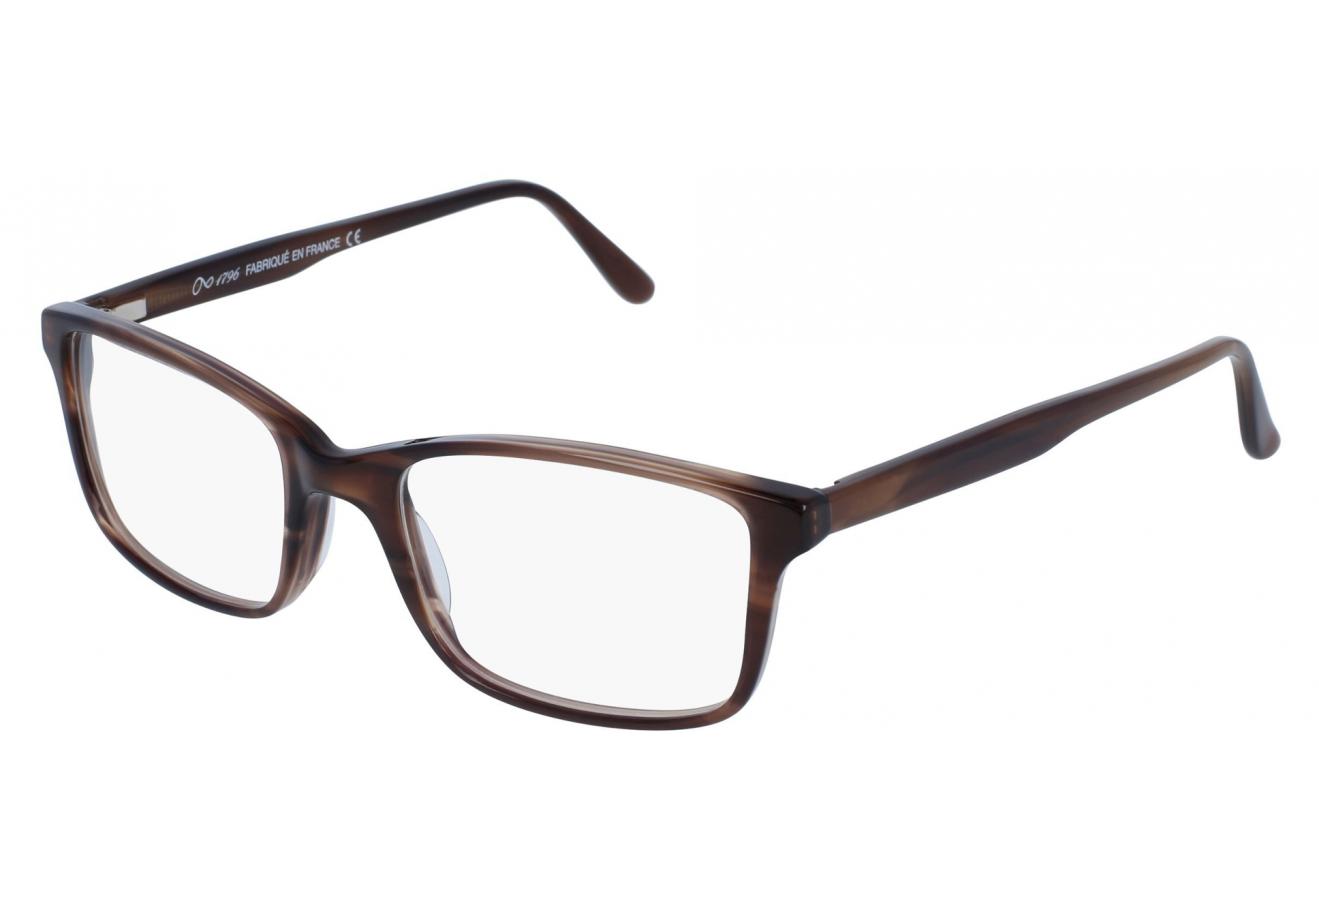 lunettes de vue 1796 cbha 1704 brun 55 19. Black Bedroom Furniture Sets. Home Design Ideas